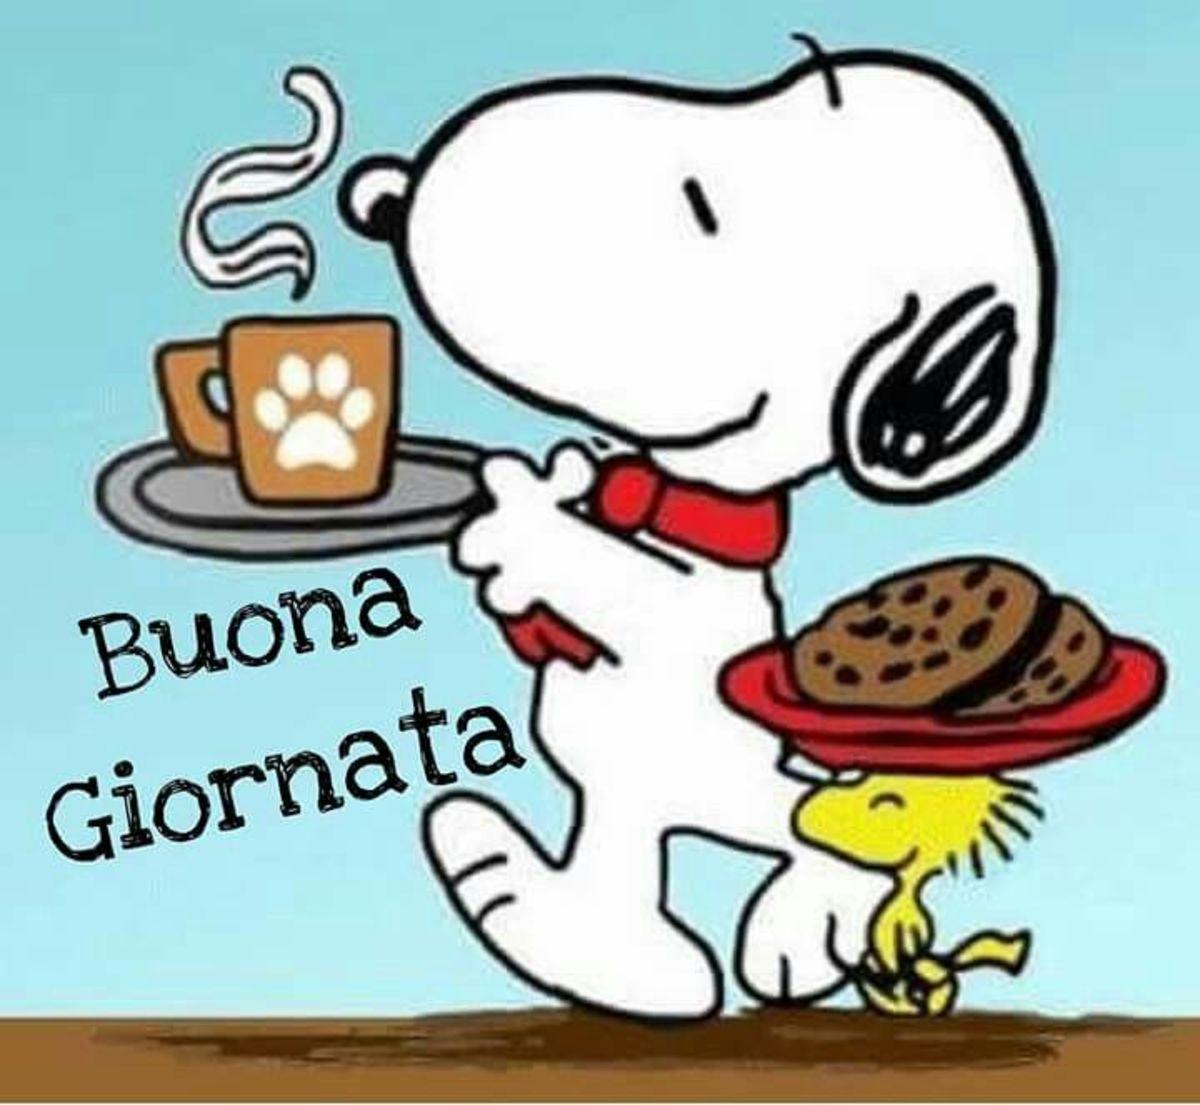 Buona Giornata con Snoopy